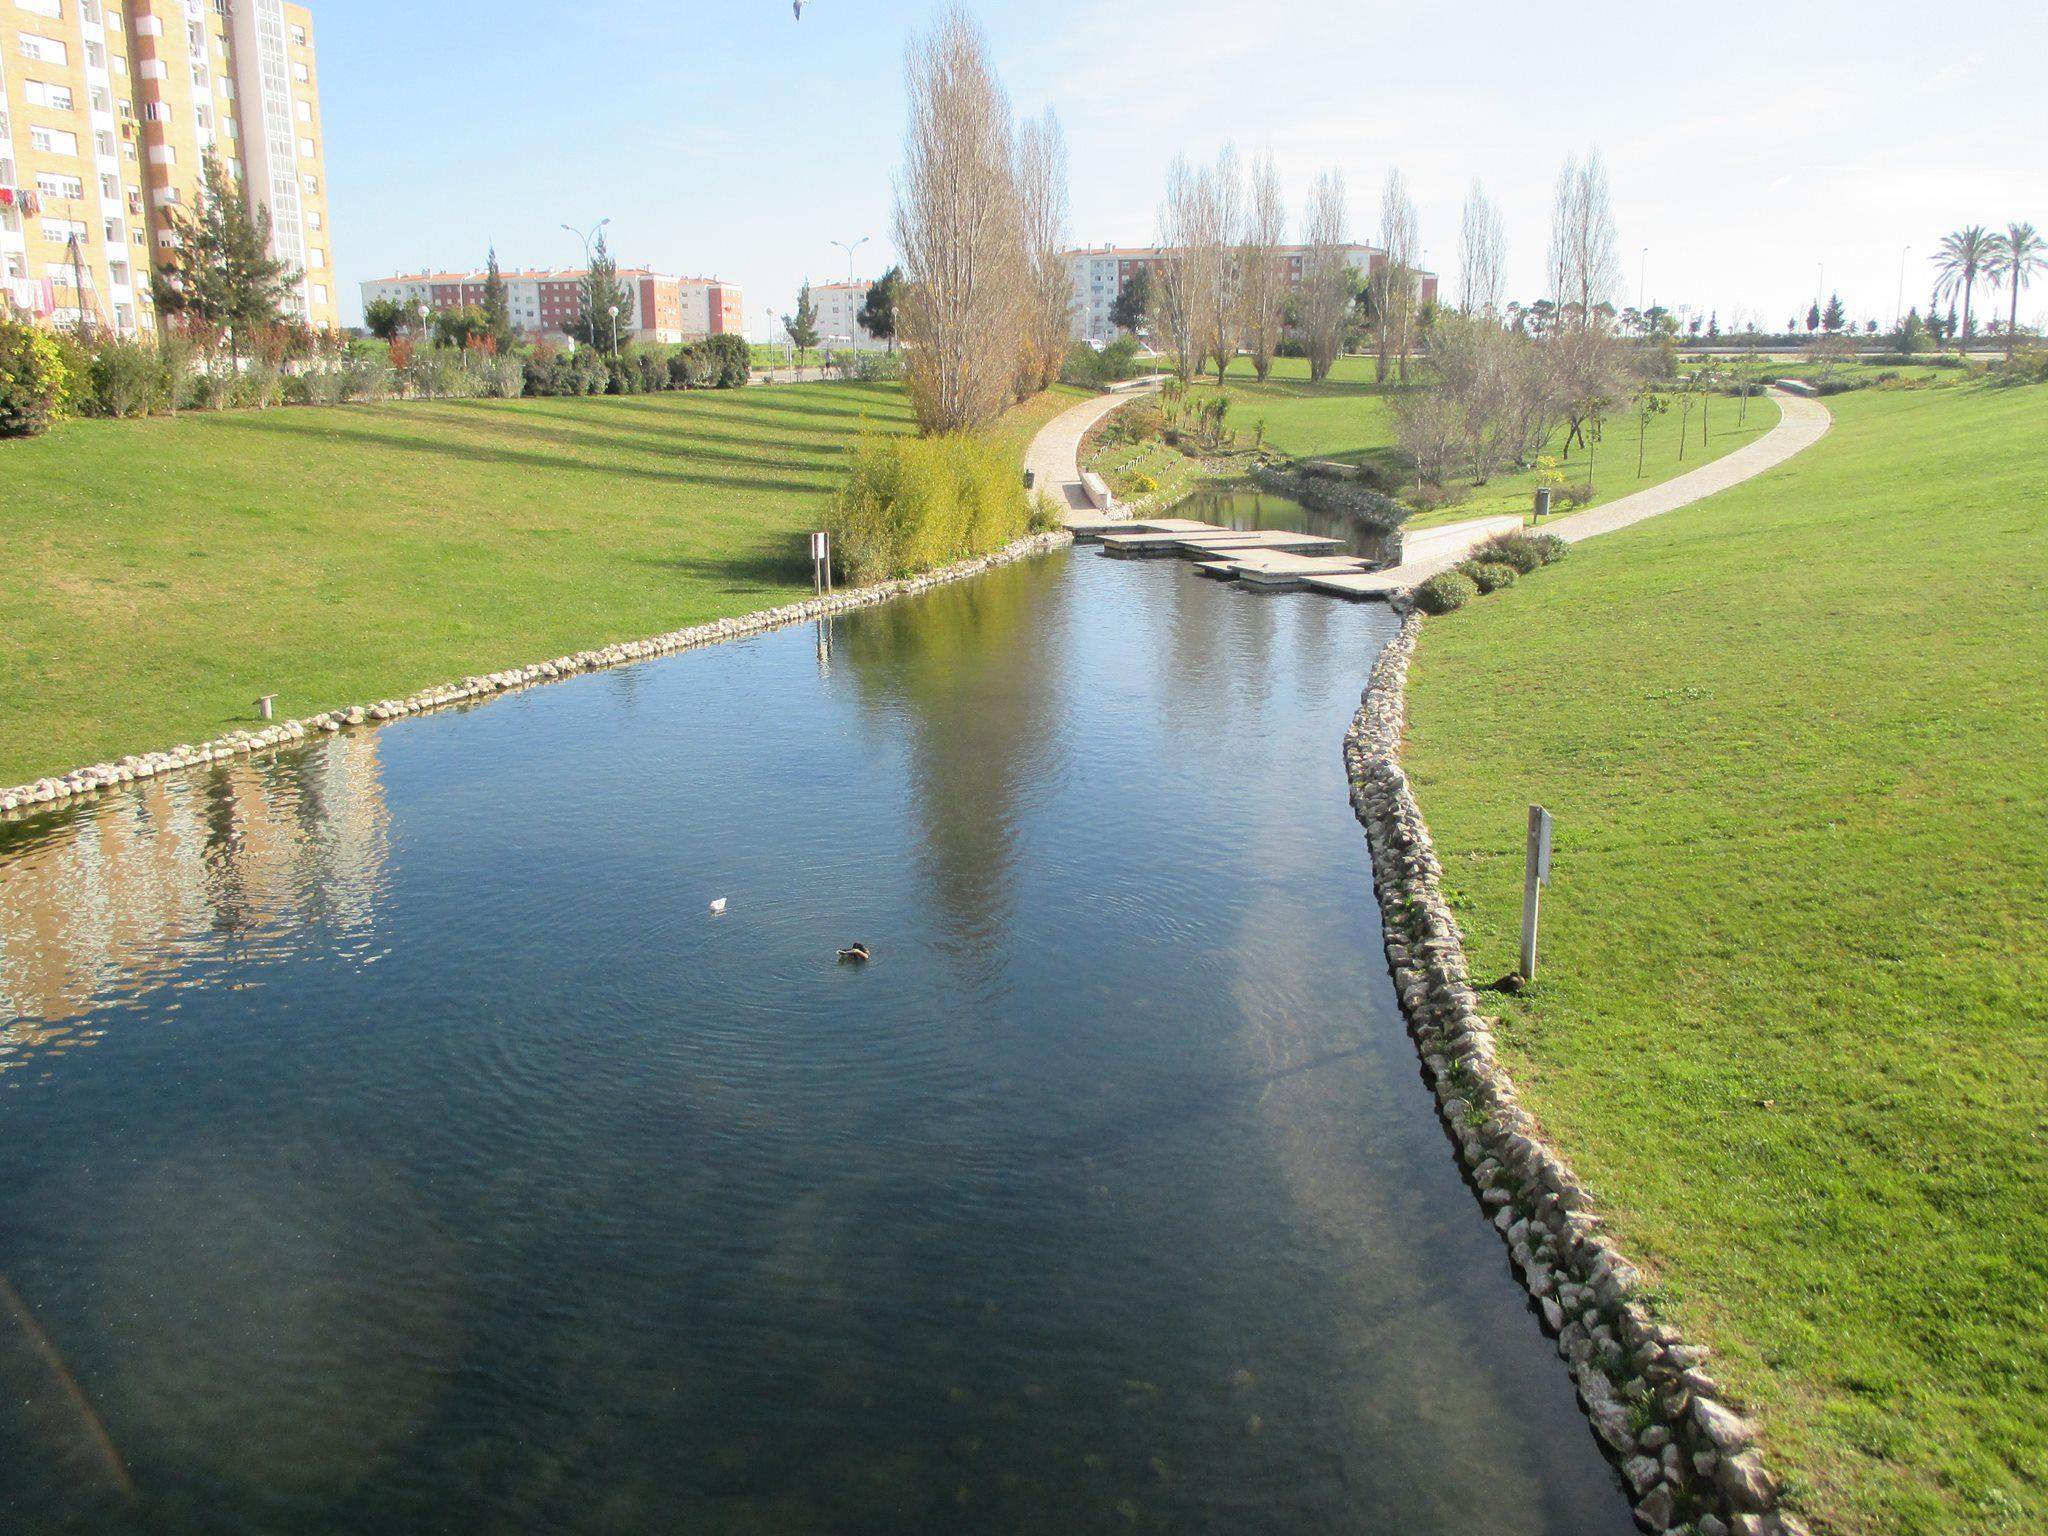 Caminhando por Hortas, Jardins e Parques de Lisboa